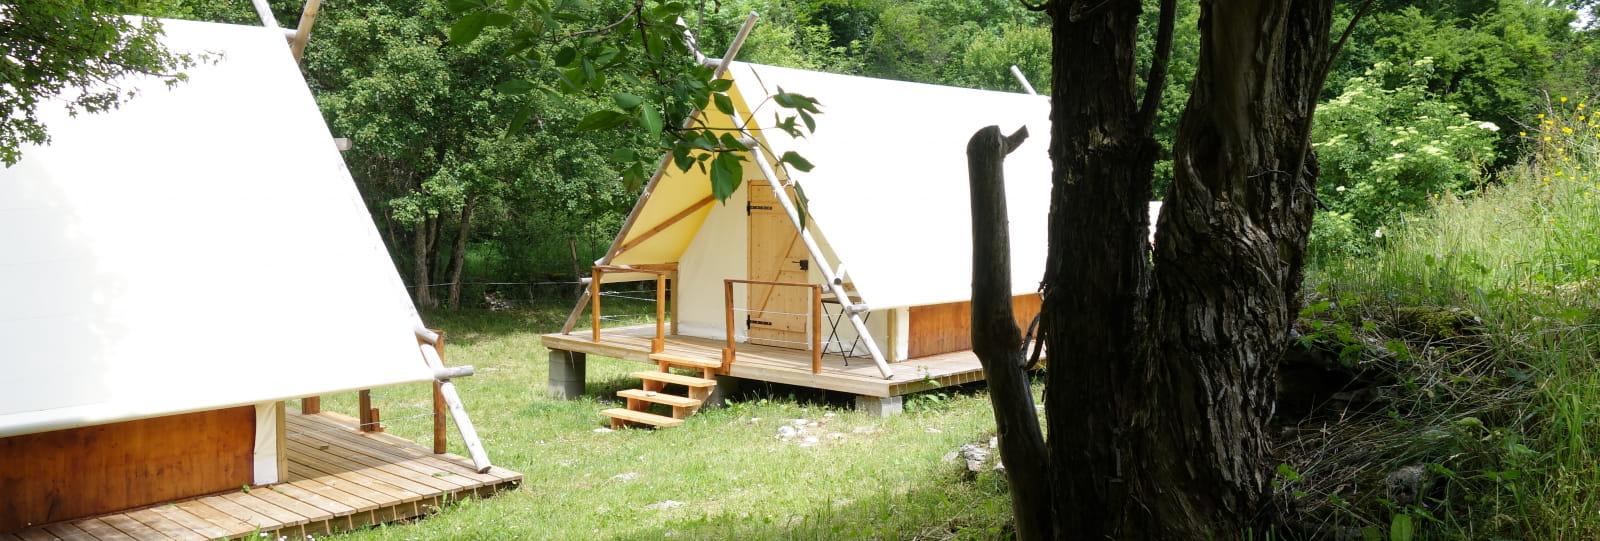 Camp de la Matrassière